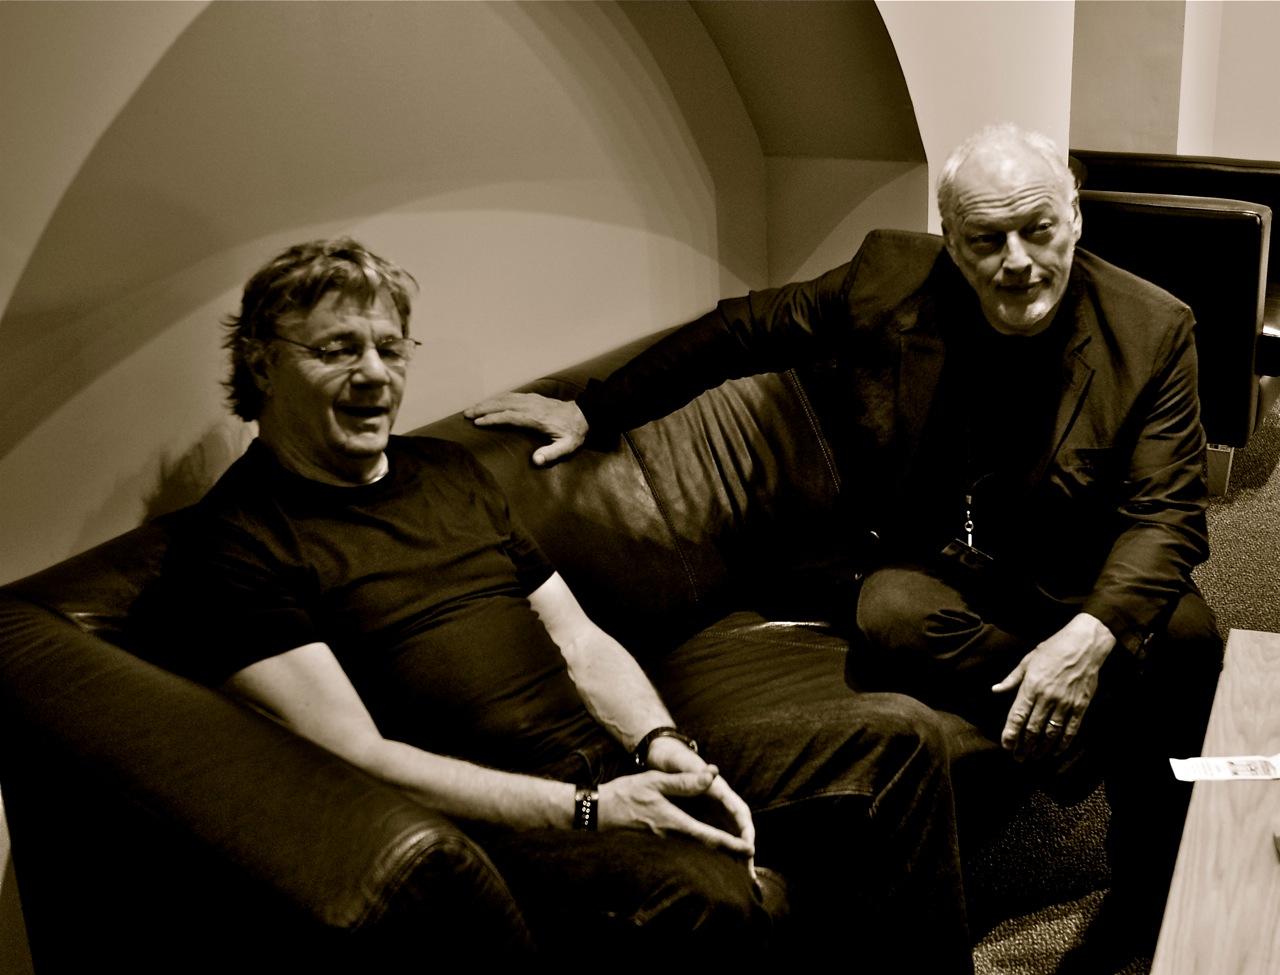 Steve Miller Band Greatest